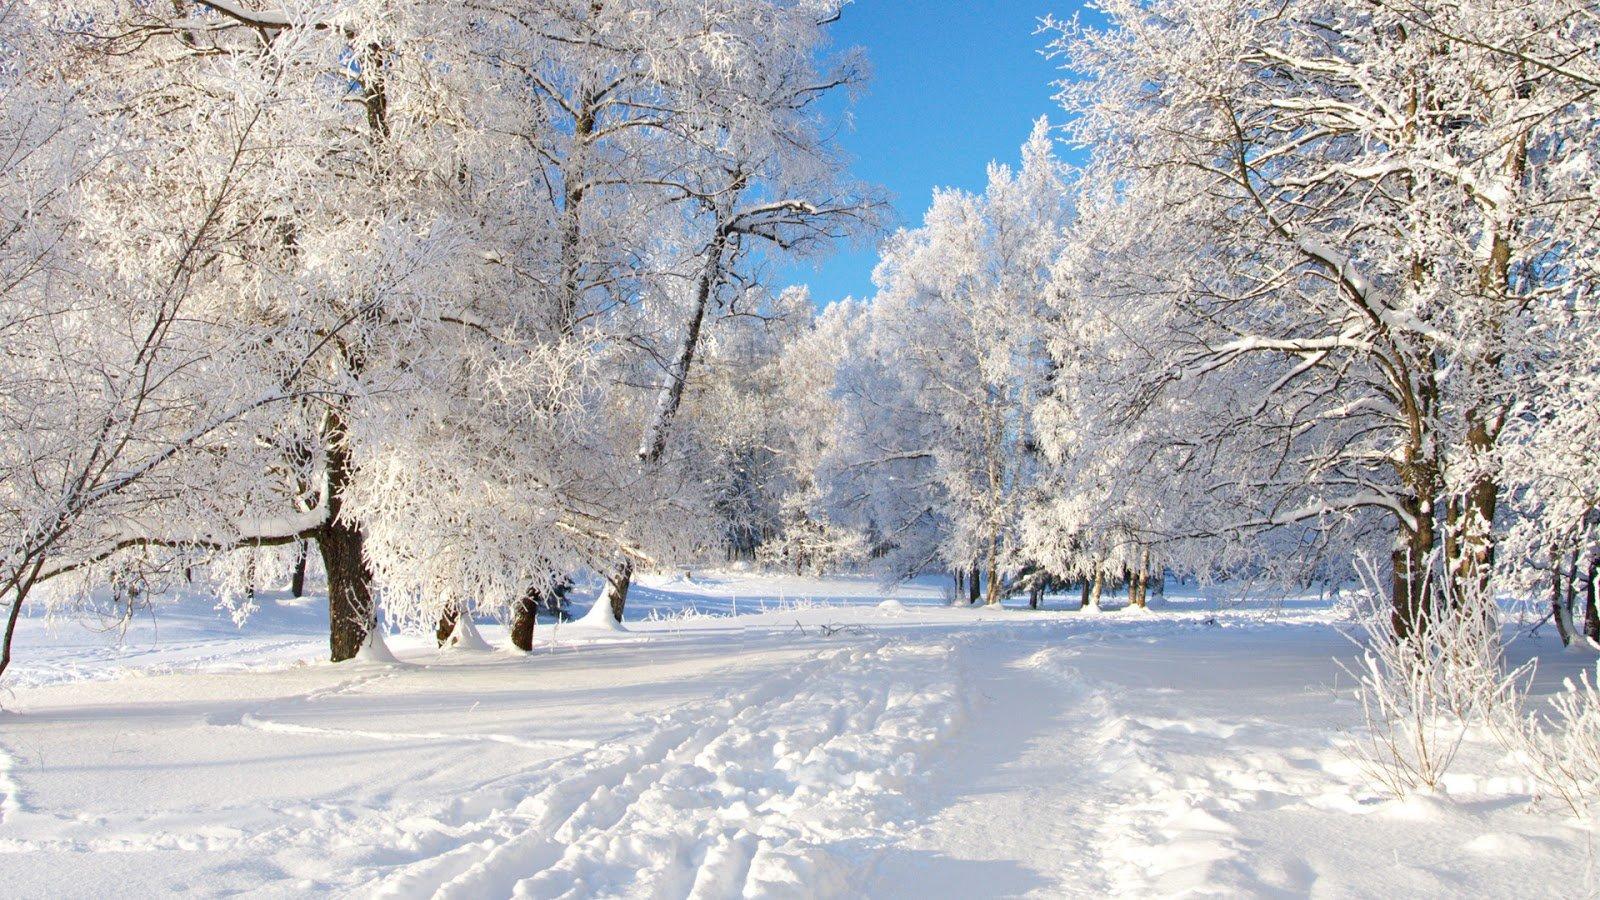 las-mejores-fotos-de-paisajes-nevados-arboles